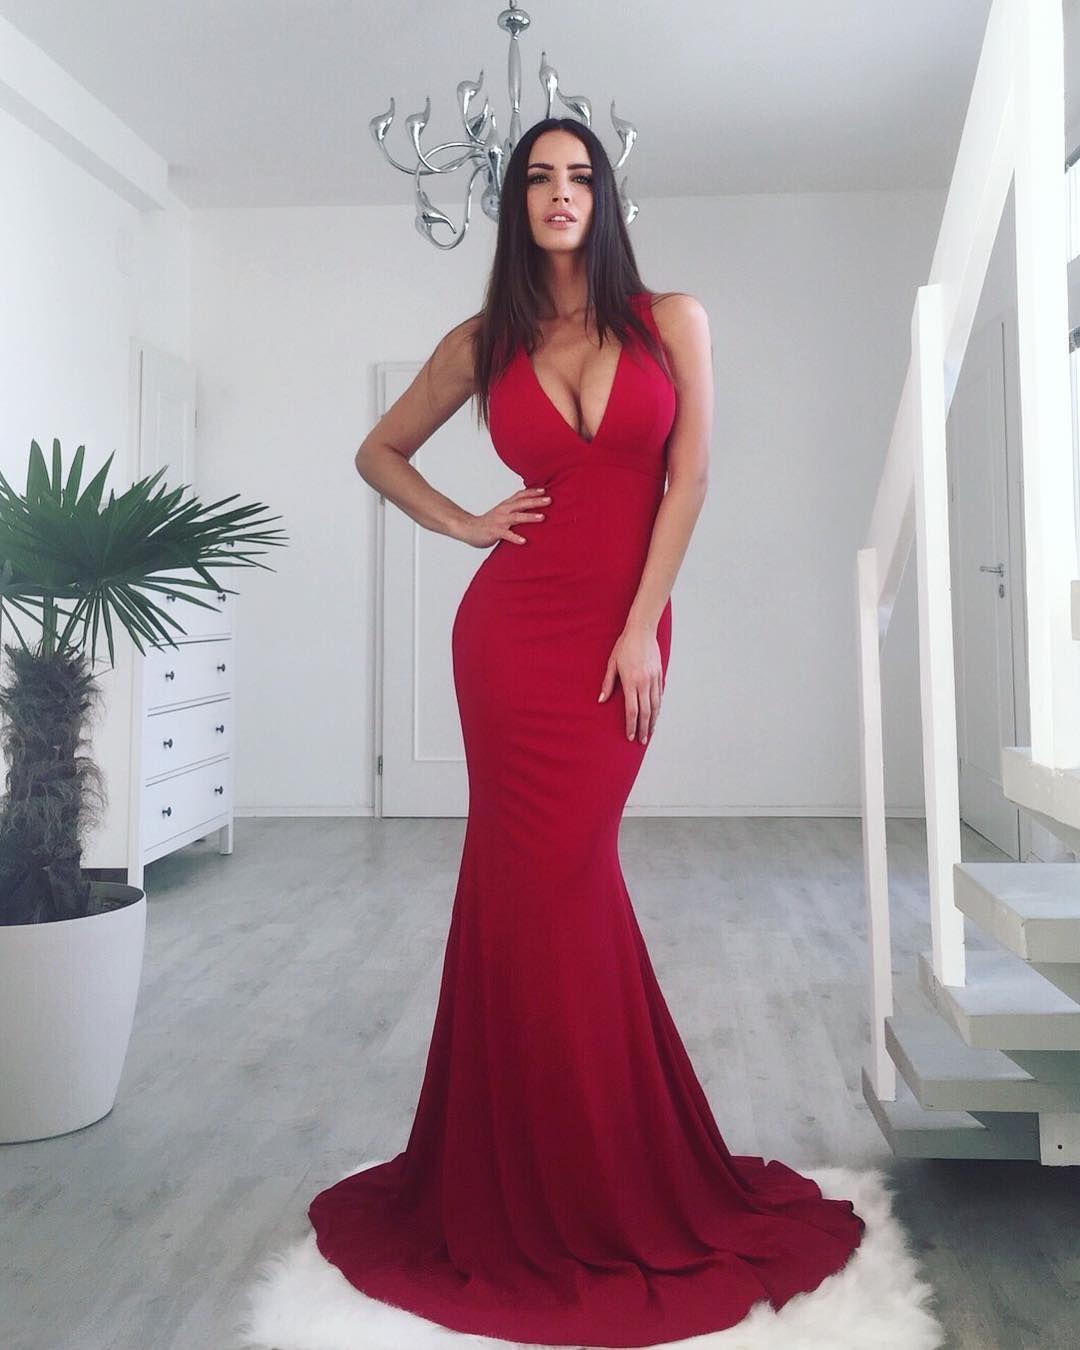 Red ball gown wedding dress   seguidores  seguidos  publicaciones  Ve fotos y videos de